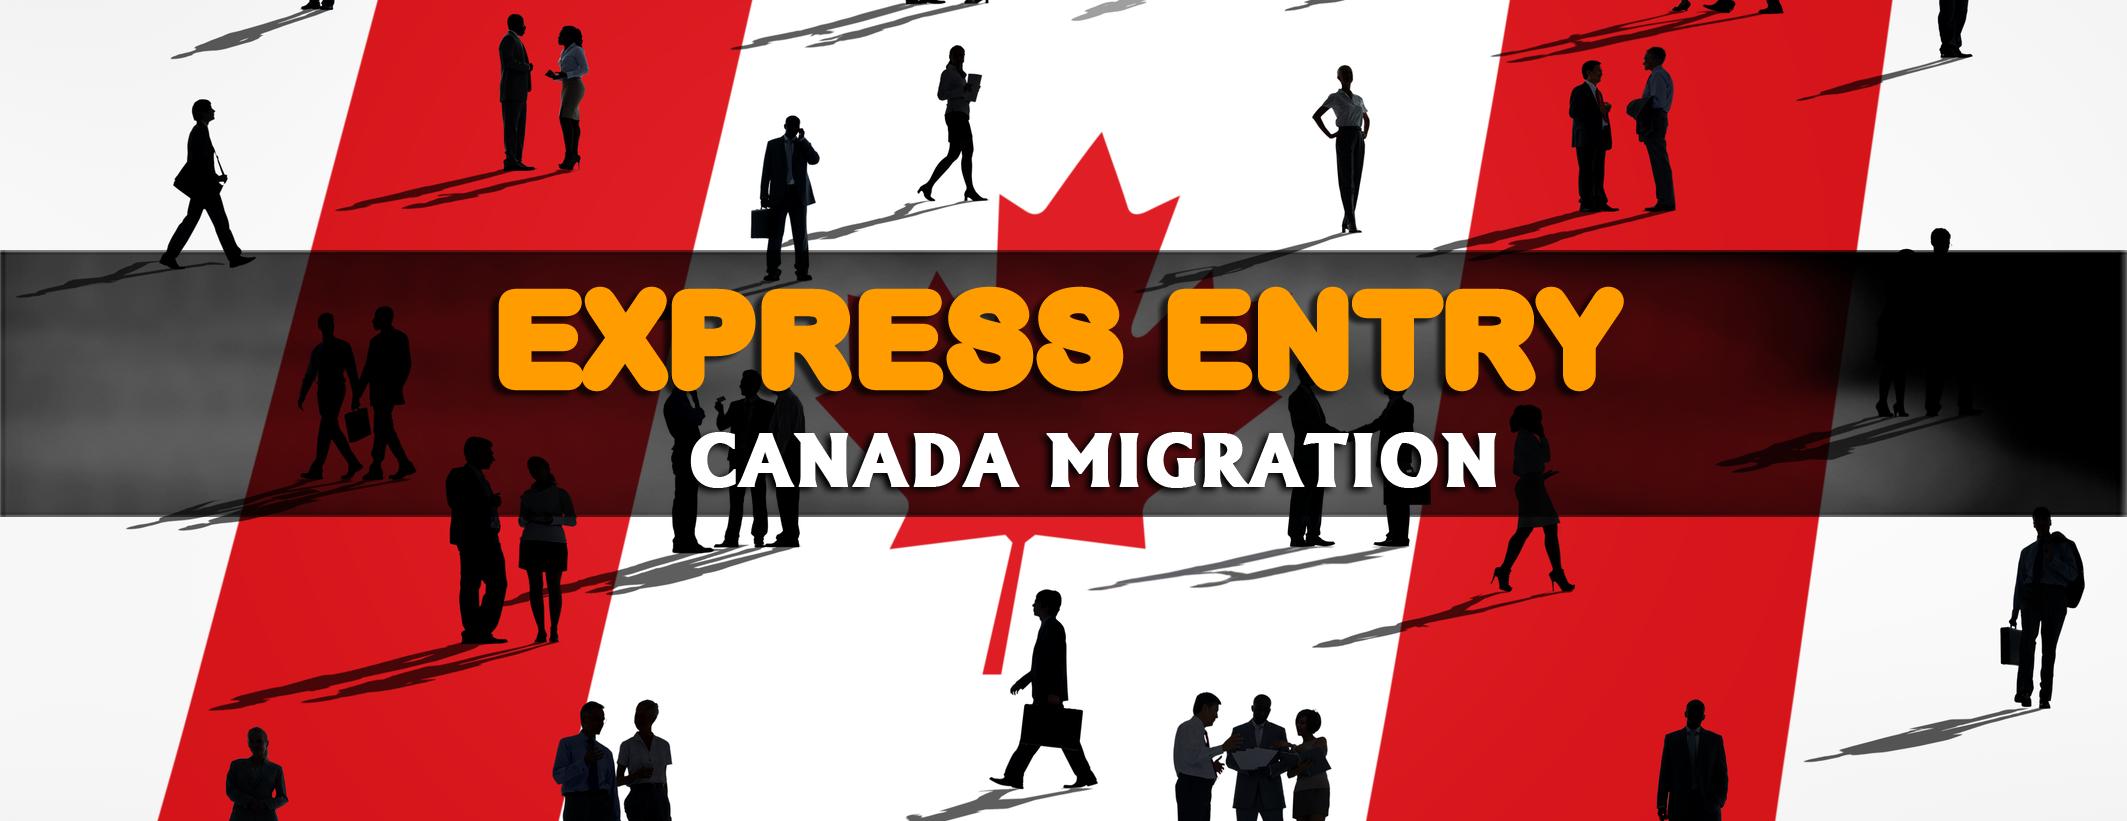 Đợt Rút Thăm Mới Của Chương Trình Express Entry Có Điểm Số Giảm So Với Kỳ Trước